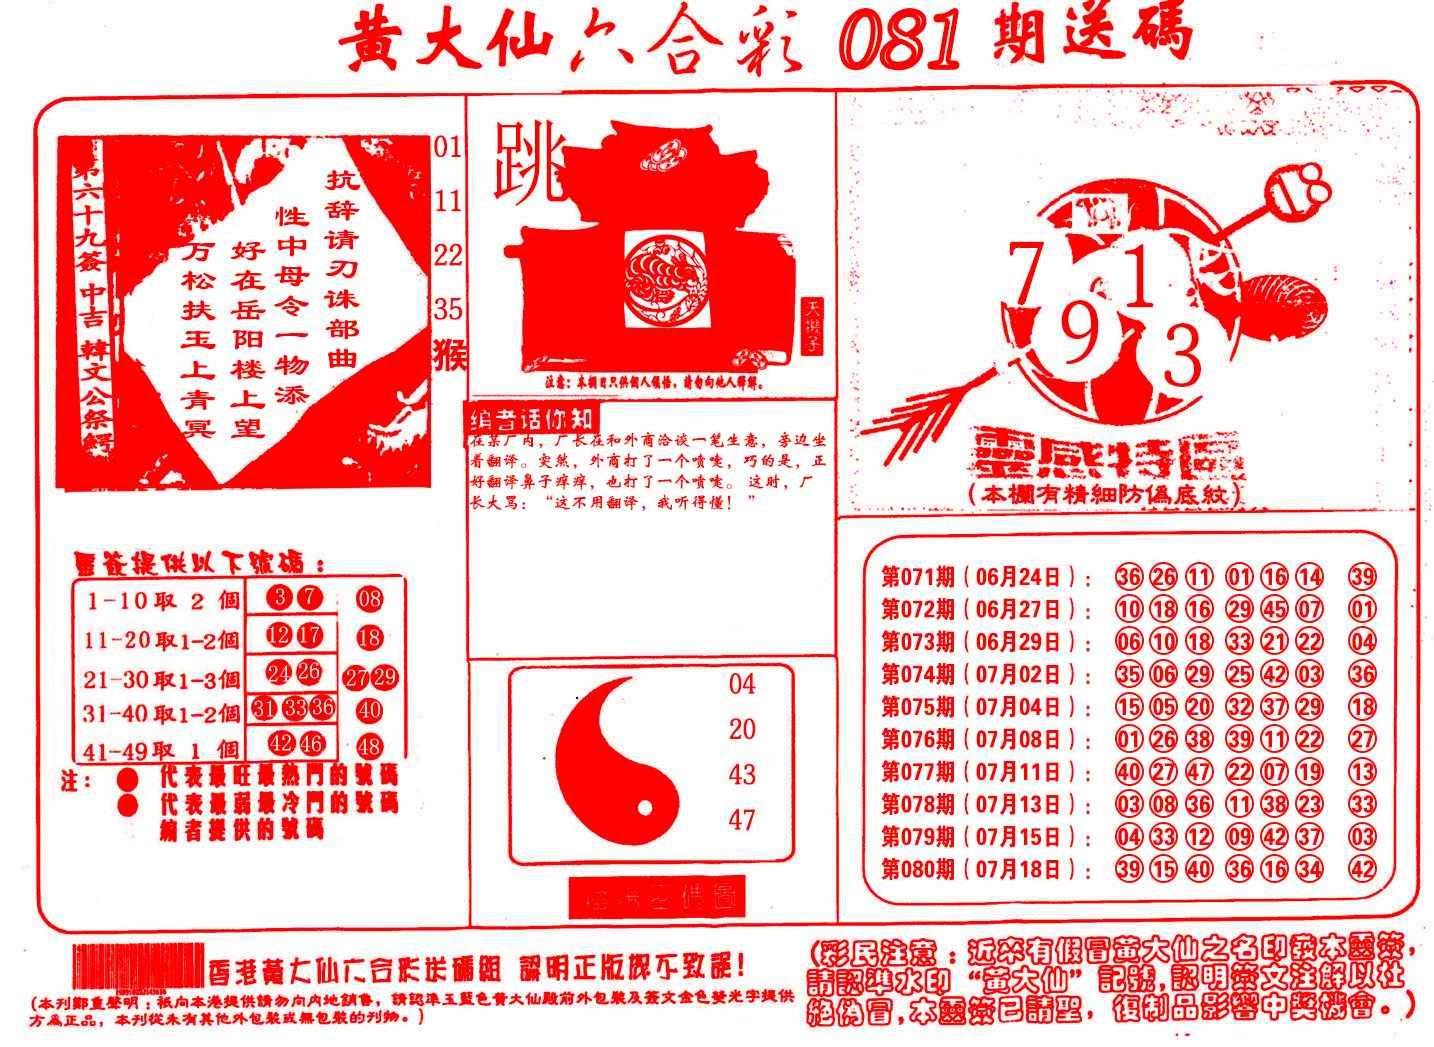 081期黄大仙射箭(信封)